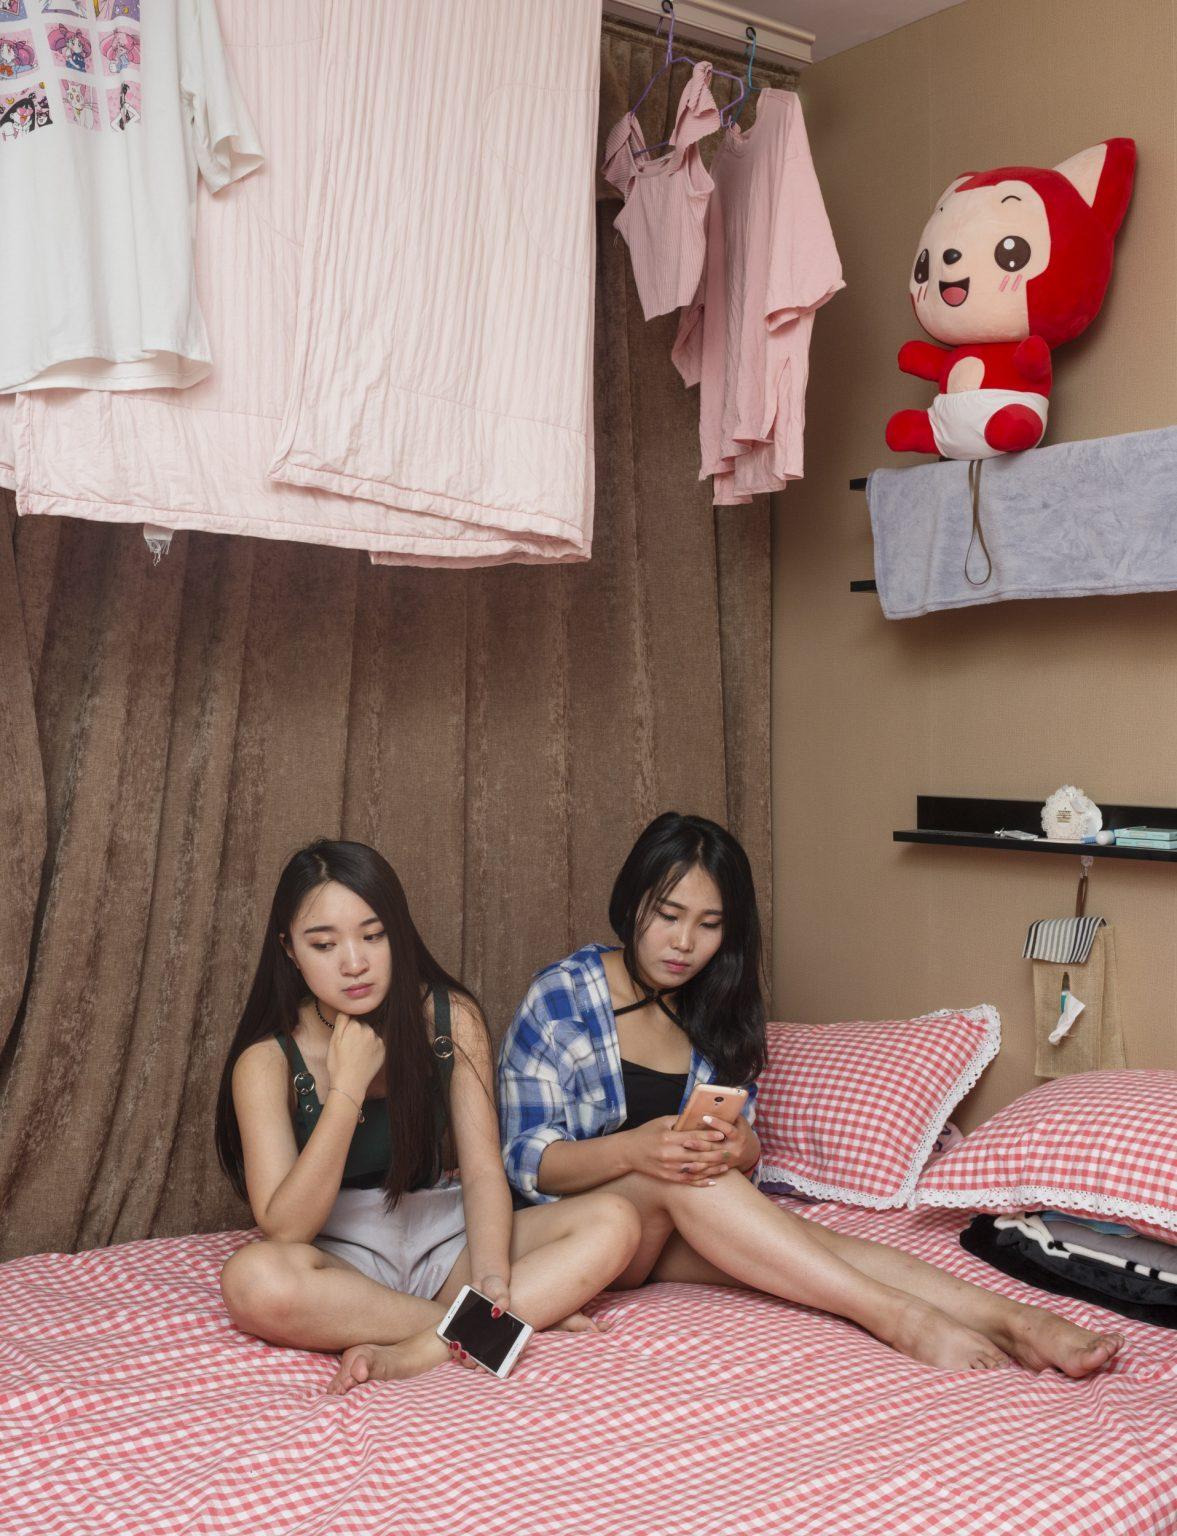 Cina, Pechino, Giugno 2017:  Caicai Yang, di 20 anni e Yufen Xue, di 21 anni, entrambe Wang Hong (Internet celebrites), nei dormitori della Three Minutes Tv dove vivono e lavorano. Caicai Yang ha 10,000 followers and Yufen Xue ha 90,000 followers.  Three minutes TV è una agenzia di Wang Hong che rappresenta più di 2000 artisti. L'E-commerce live broadcasting è la sua attività principale, il che significa che i Wang Hong servono come promotori per i prodotti in vendita sulle piattaforme di E-commerce. Offre uno studio con 100 stanze per il live broadcasting per JD.com e 200 stanze per il live broadcasting per Taobao di Alibaba. Il suo volume di vendita nell' e-commerce ha raggiunto i 400.000.000 RMB nel 2016. L'azienda impiega Wang Hong online che lavorano dallo studio o da casa, e I Wang Hong Offline che vivono nei dormitori forniti da Three minutes TV. Tutti I Wang Hong lavorano almeno 6 ore al giorno e hanno 4 giorni liberi al mese. Il loro stipendio base è di 4000 RMB, con commissioni che variano dal 10% all'80%. / China, Beijing, June 2017: Caicai Yan, 20 years old, and Yufen Xue, 21 years old, both Wang Hong (Internet celebrities) in the dormitories of Three Minutes Tv where they live and work. Caicai Yang has 10,000 followers and Yufen Xue has 90,000 followers.Three minutes TV is an Internet celebrities agent company that has more than 2,000 contracted Wang Hong. E-commerce live broadcasting is its main feature, which means the broadcasters serve as promoters for products on E-commerce platforms. It has 100 broadcasting rooms for JD.com and 200 rooms for Alibaba's Taobao. Its E-commerce sales volume in 2016 approached 400,000,000 RMB.  The company uses online broadcasters working from the company's studios and from home and offline broadcasters. The offline ones lives in the dorms provided by three minutes TV. Every kind of Wang Hong works at least 6 hours per day, and has 4 days off per month. Their basic salary is 4000 RMB, with commissions va